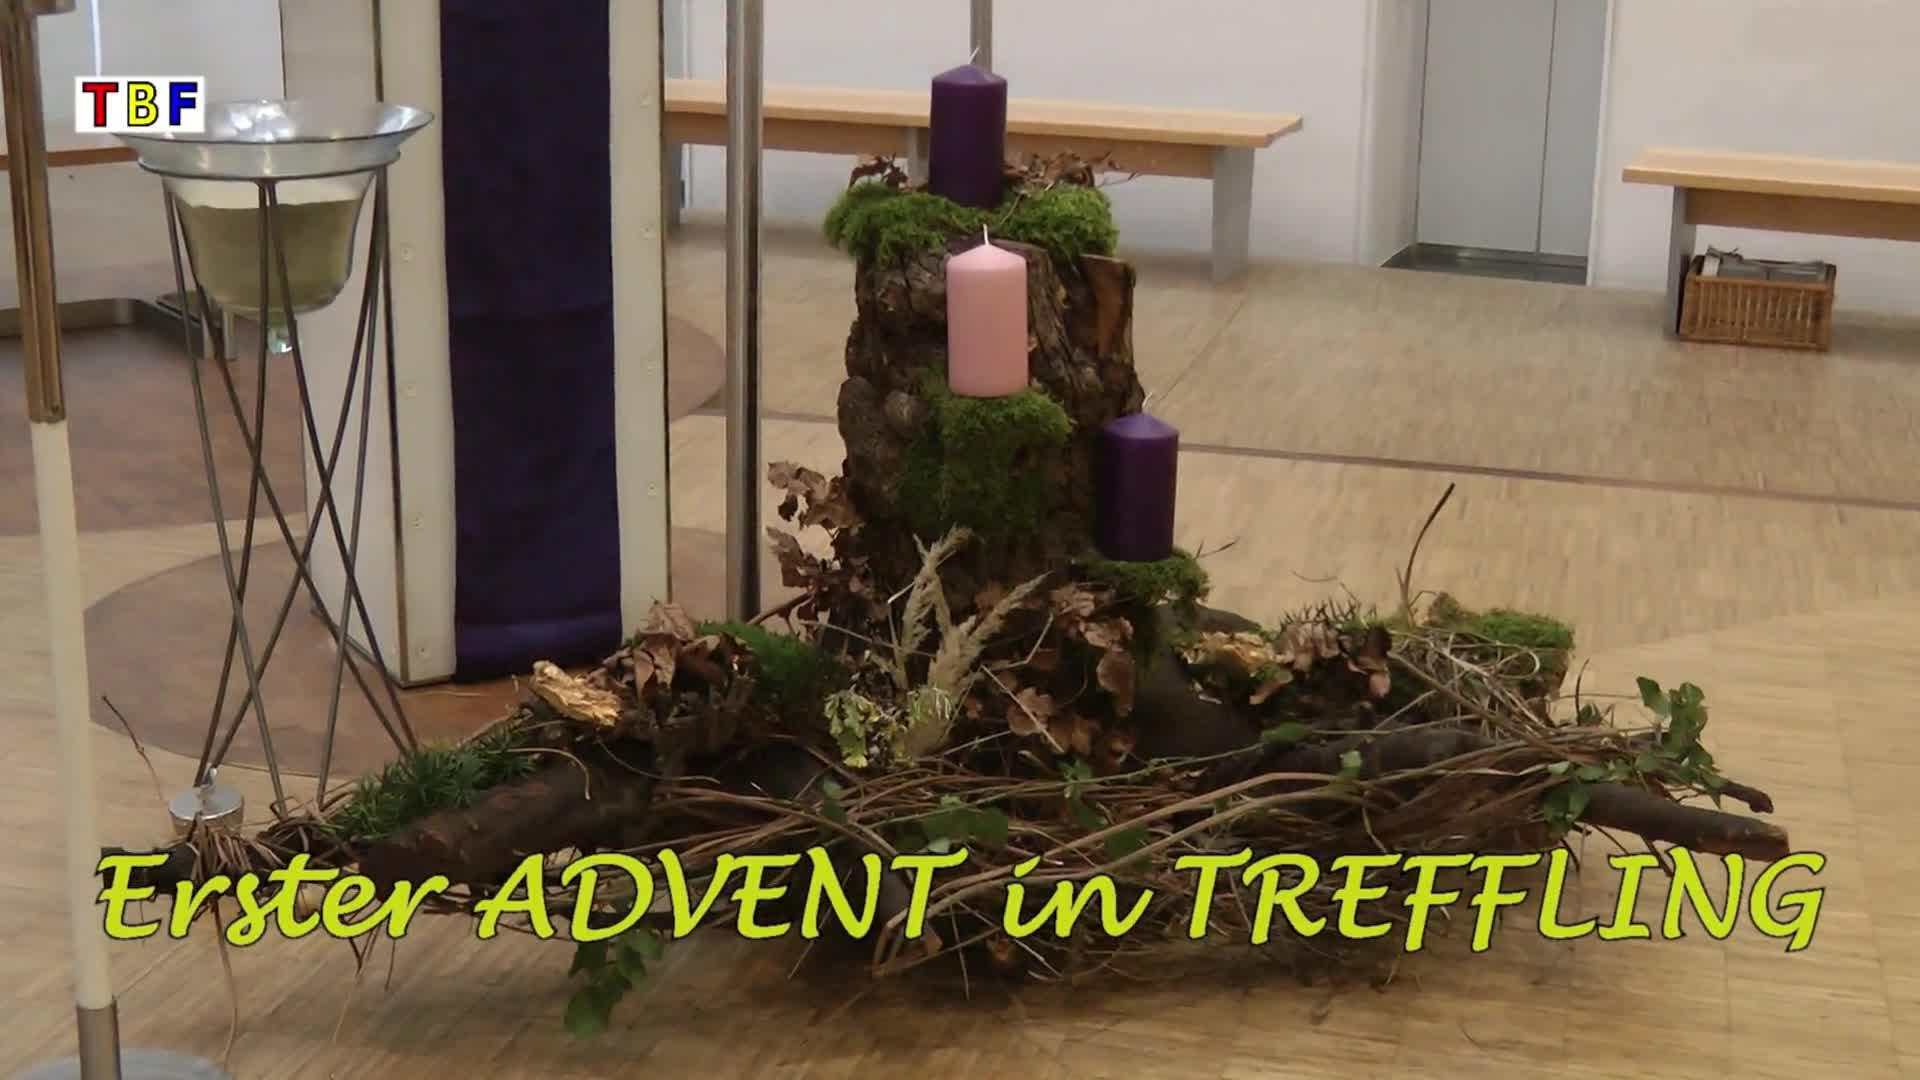 Erster Advent in Treffling